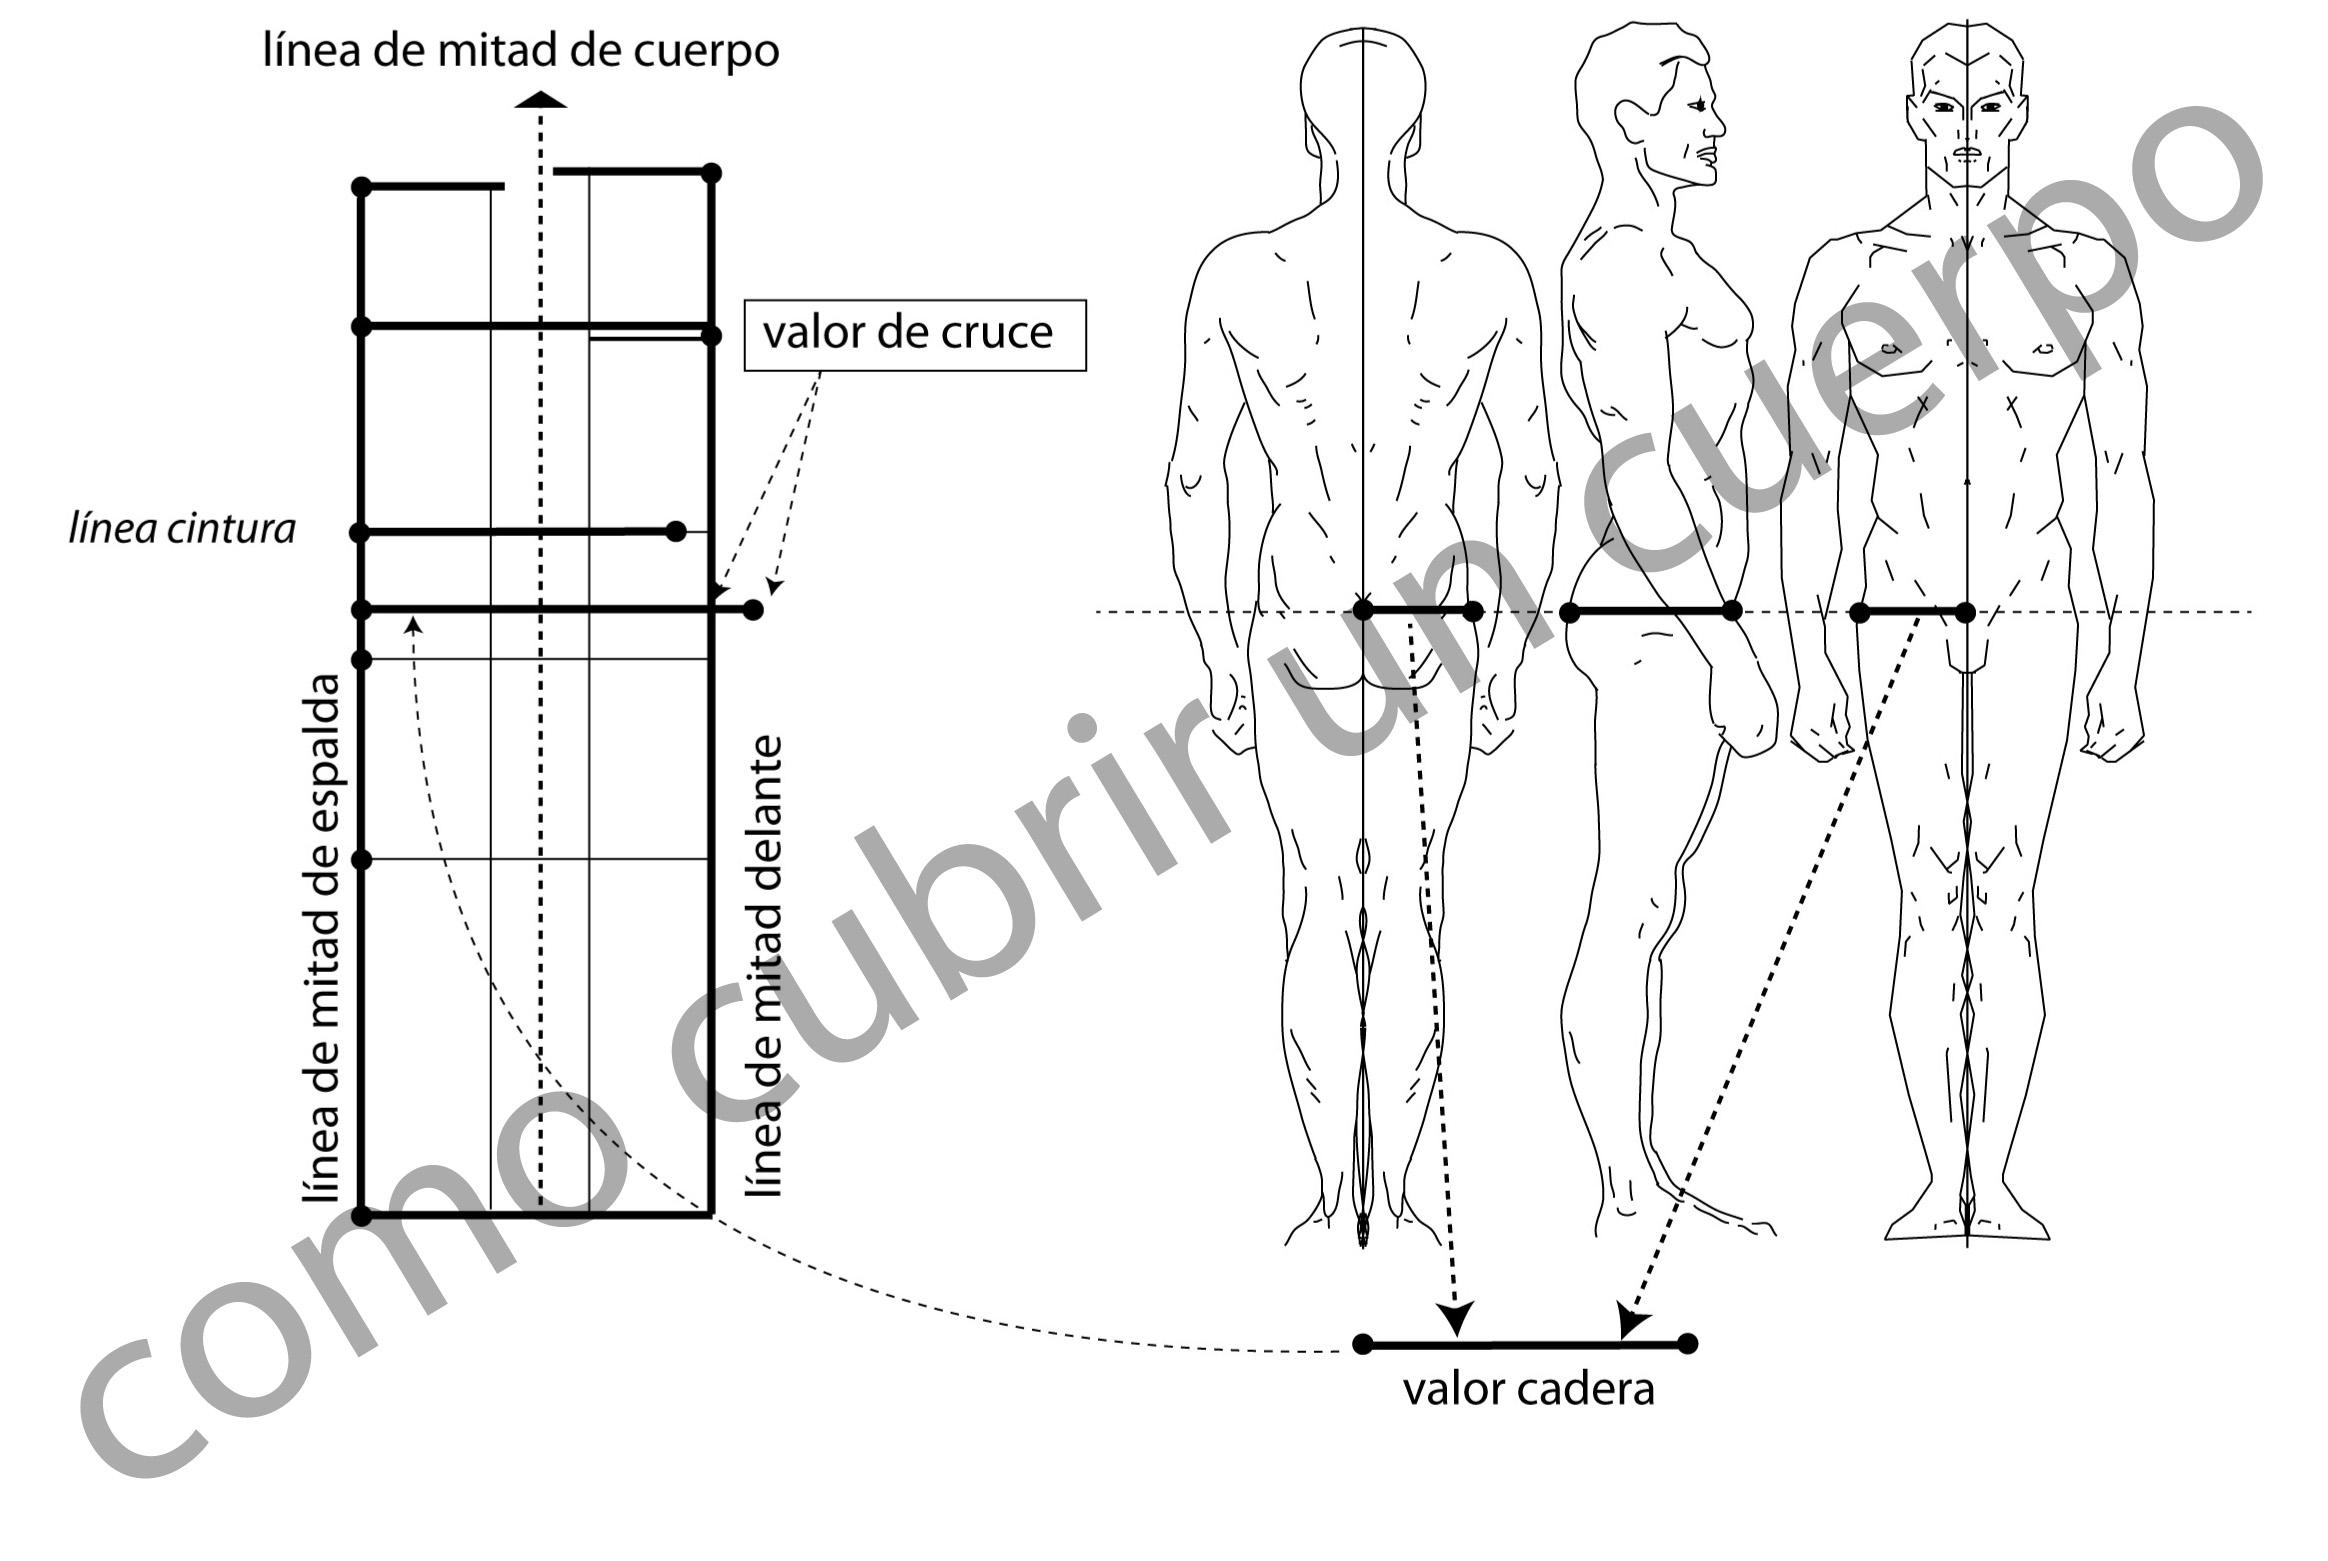 gxordi | Cómo cubrir un cuerpo | Página 10